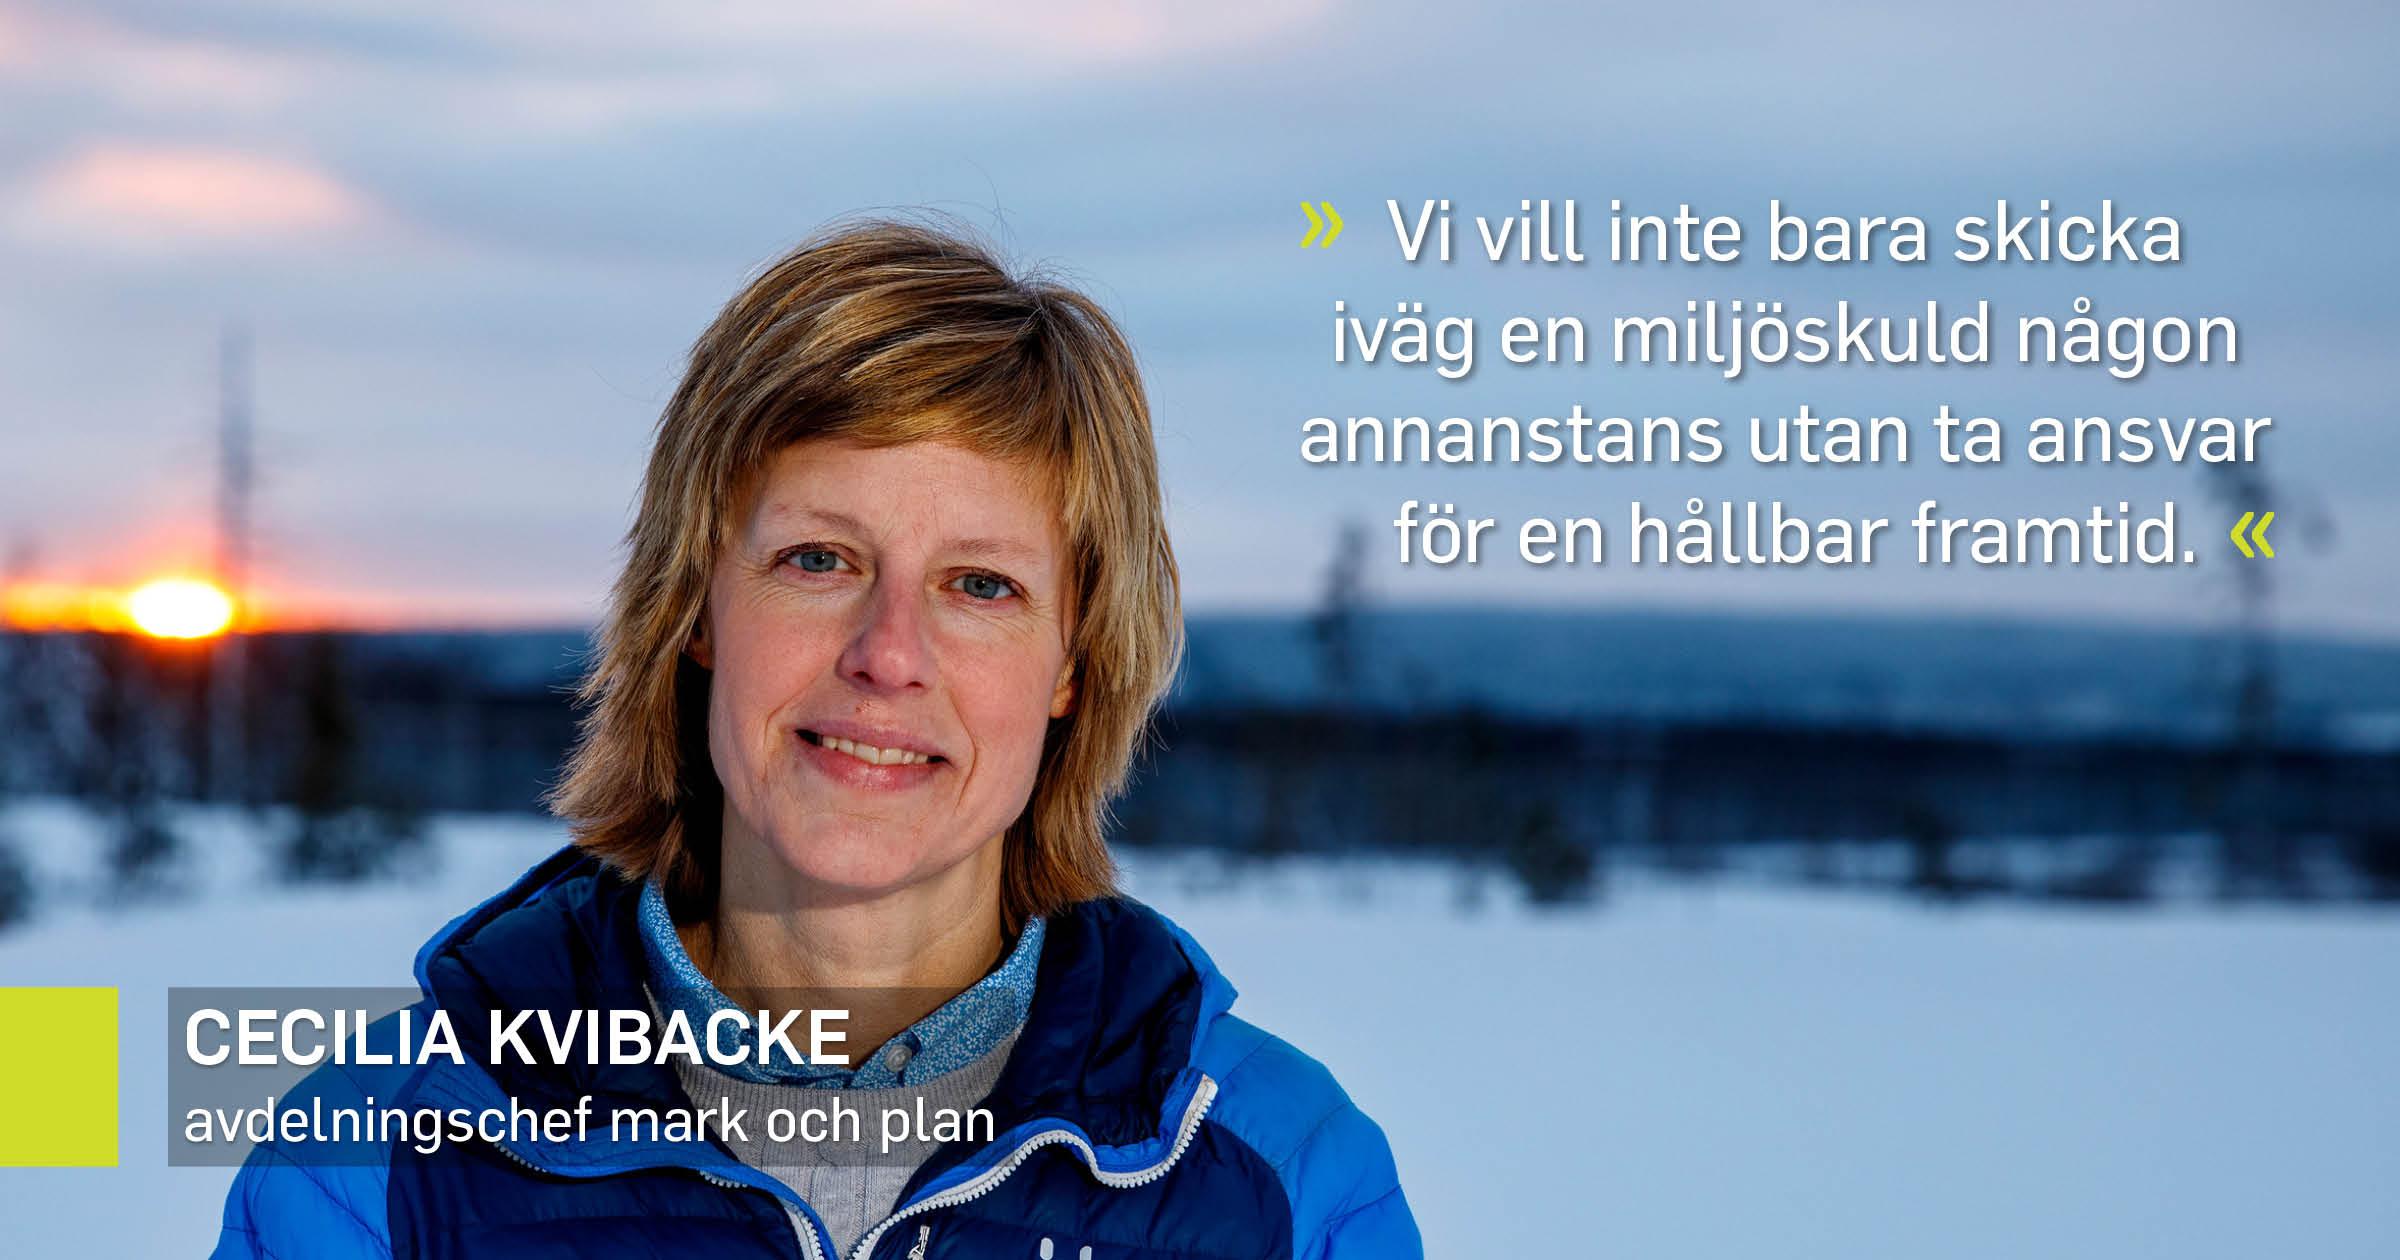 Cecilia Kvibacke, avdelningschef mark och plan, utomhus i snön vid det nya industriområdet i Norra Svartbyn.